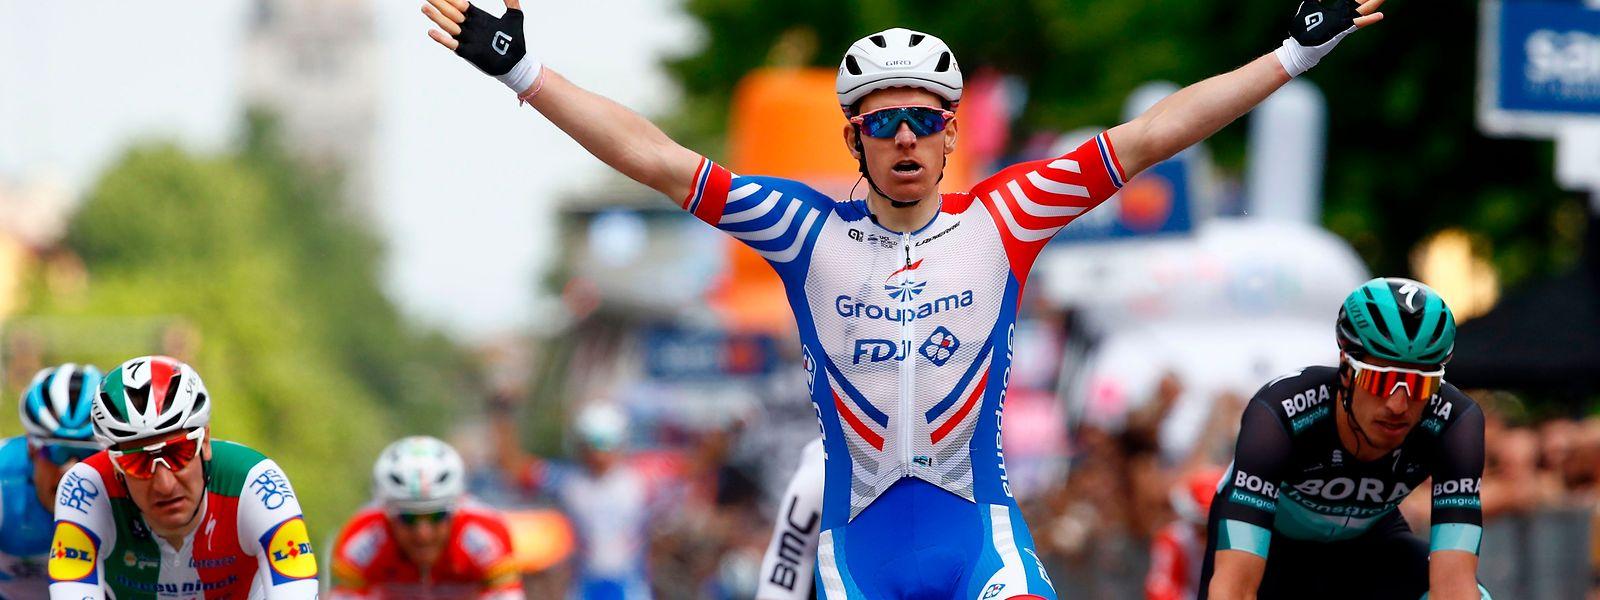 Arnaud Démare feierte seinen ersten Sieg bei diesem Giro d'Italia.